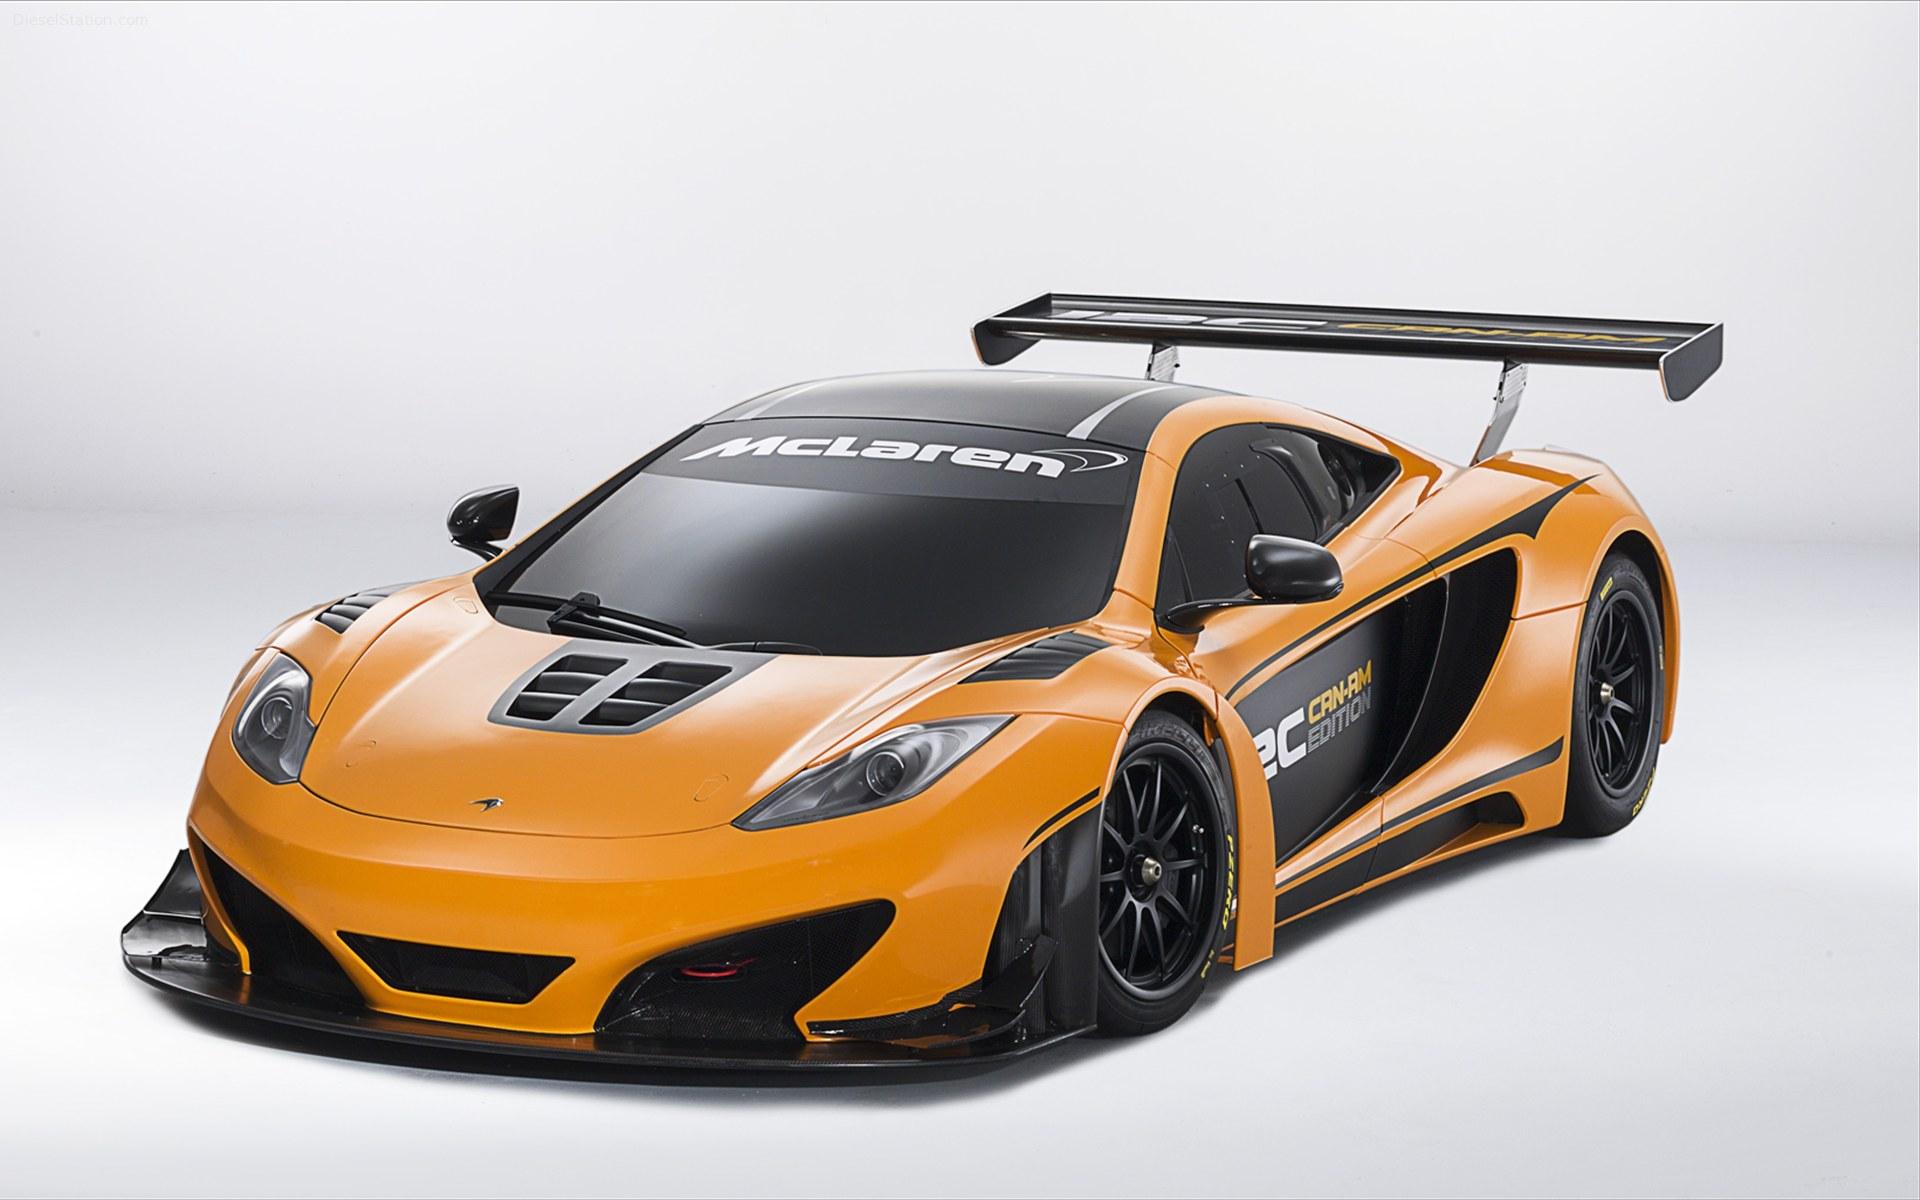 McLaren 12C Racing Concept